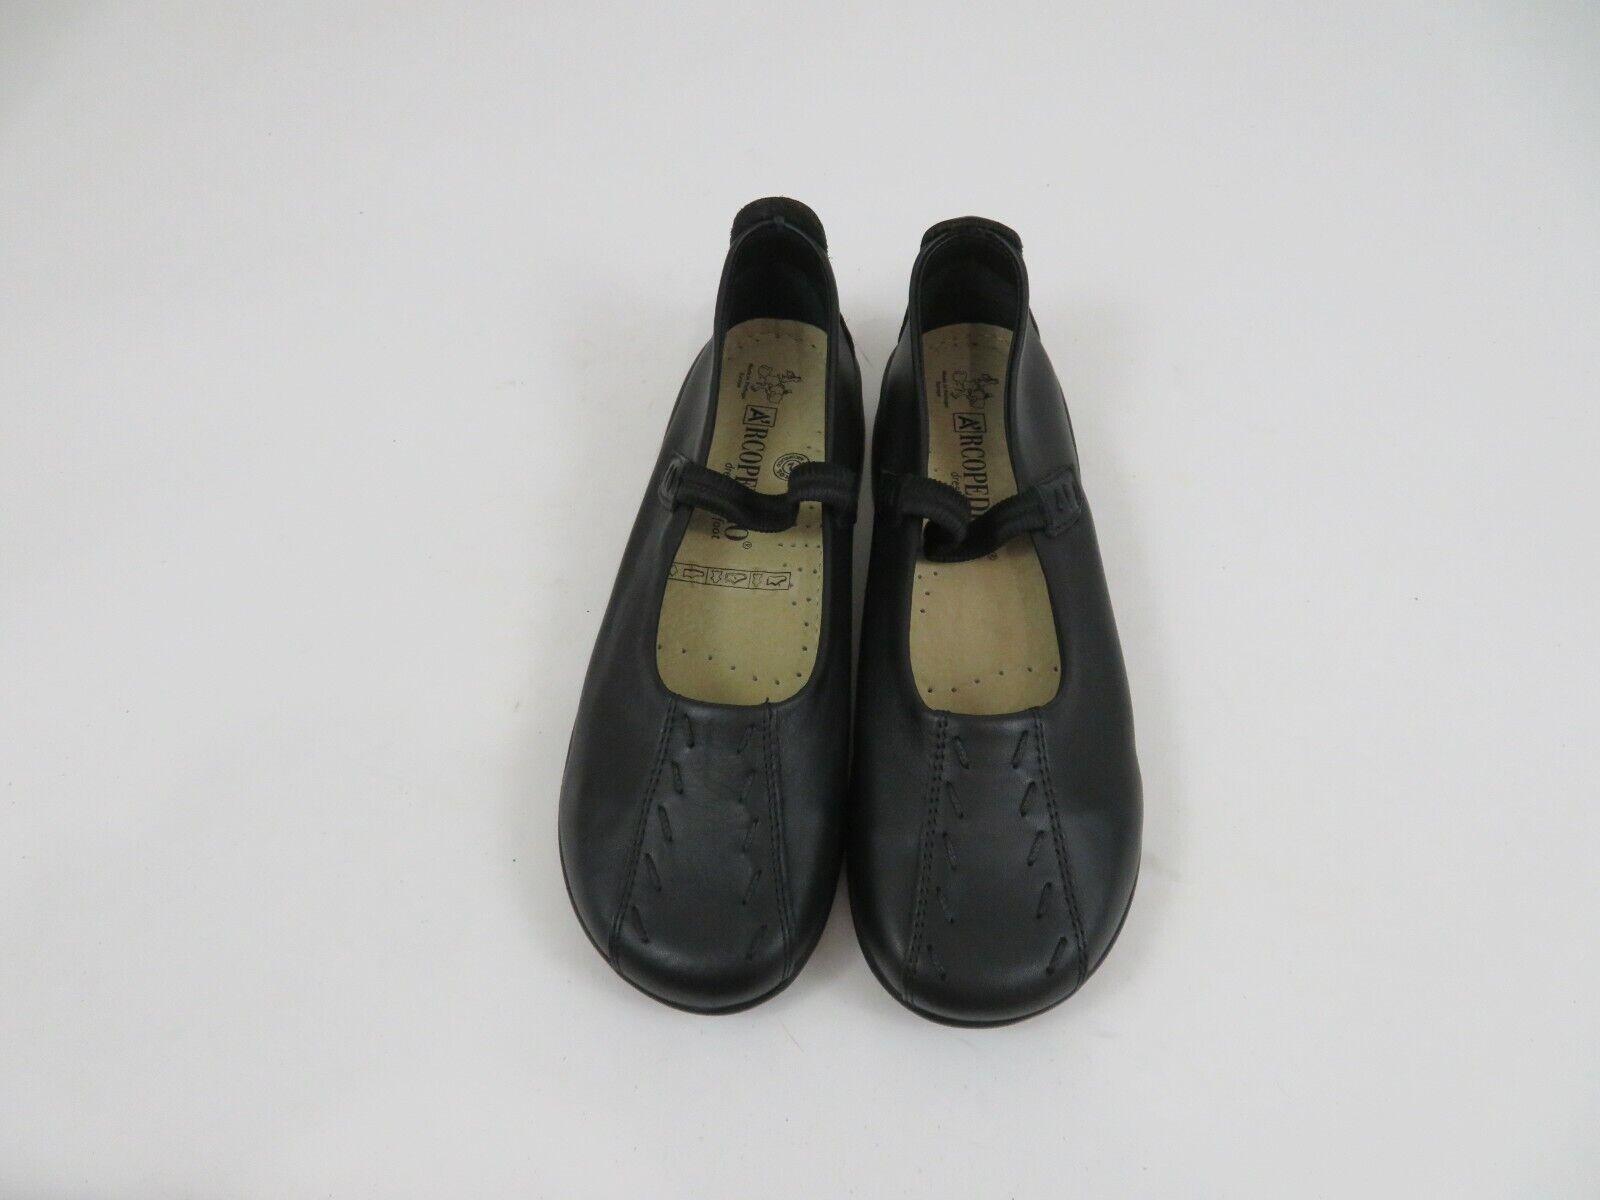 A'rcopedico Shawna Black Leather Flats Shoes Mary Jane Womens EU 39 US 8-8.5